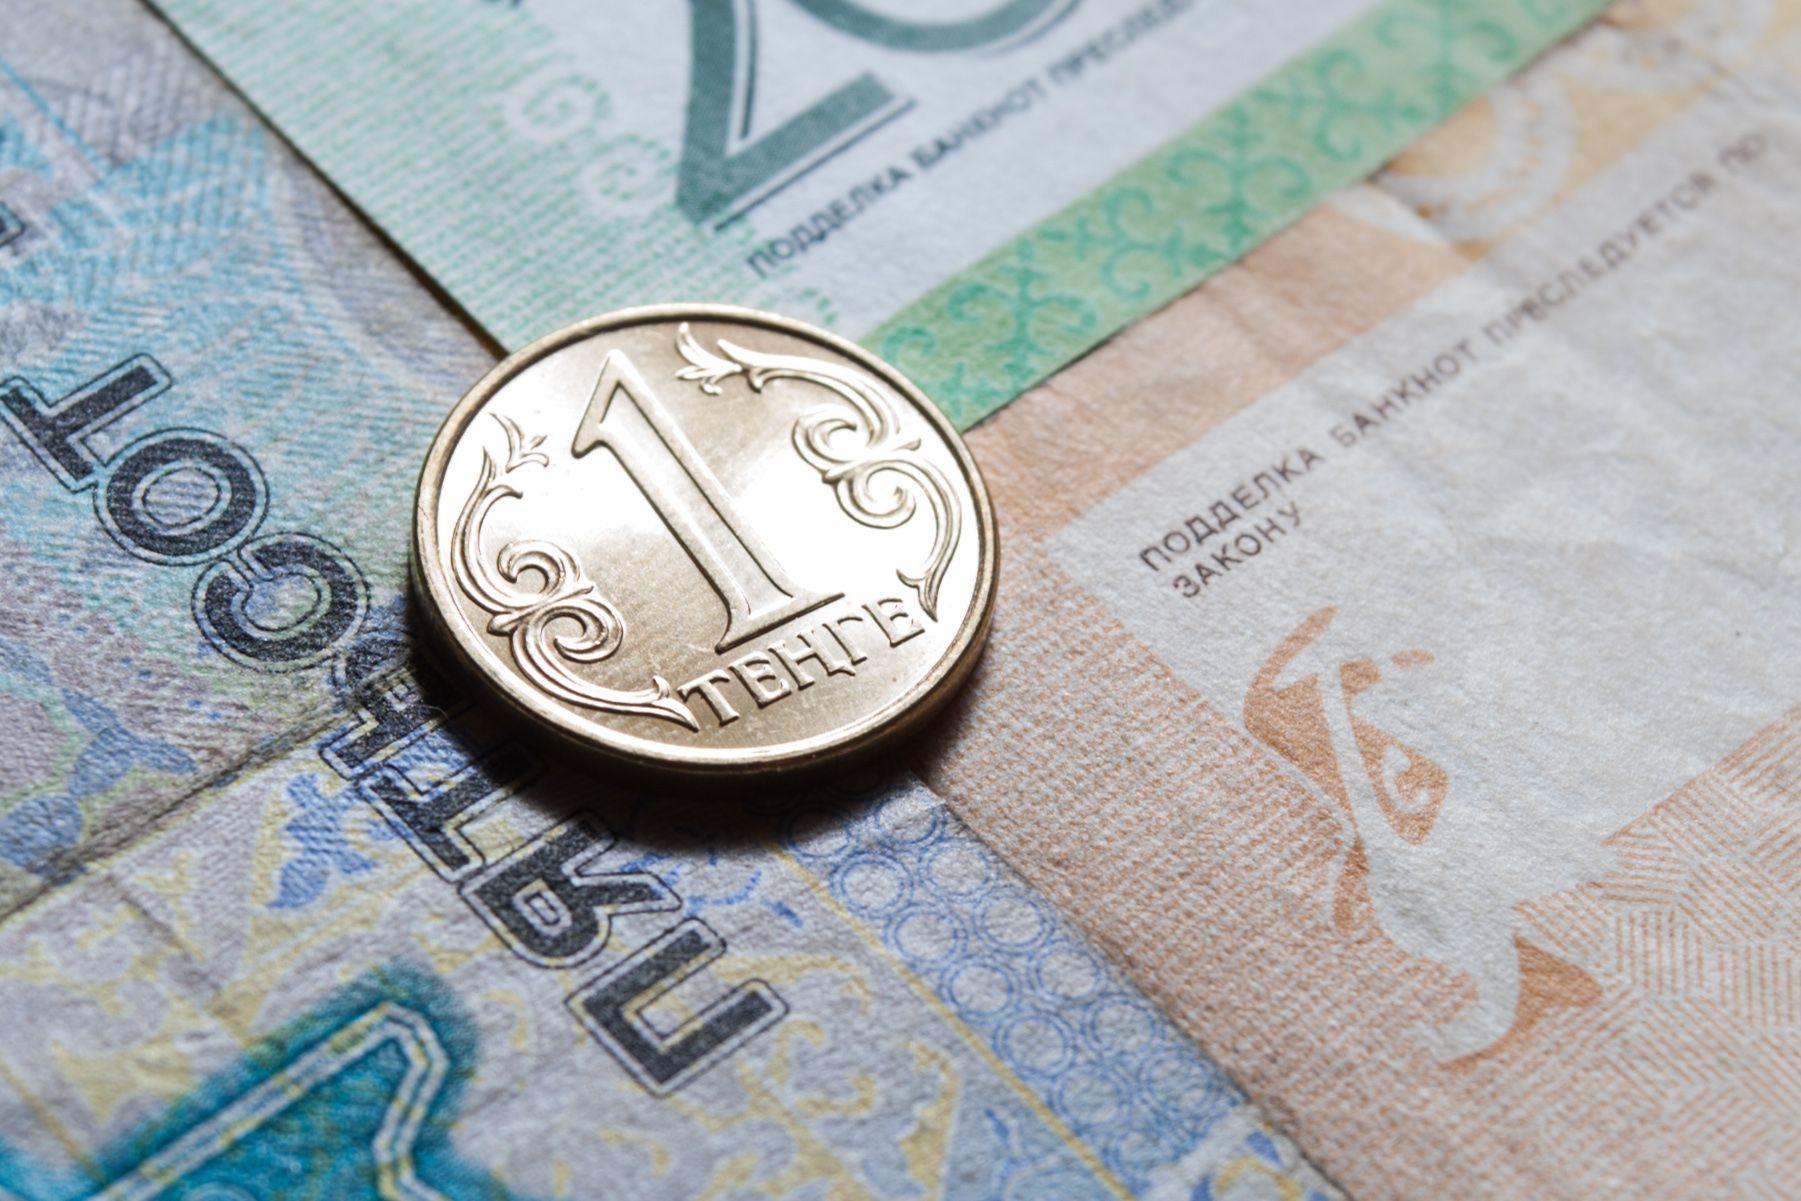 Тенге – единственный лидер роста среди валют СНГ- Kapital.kz